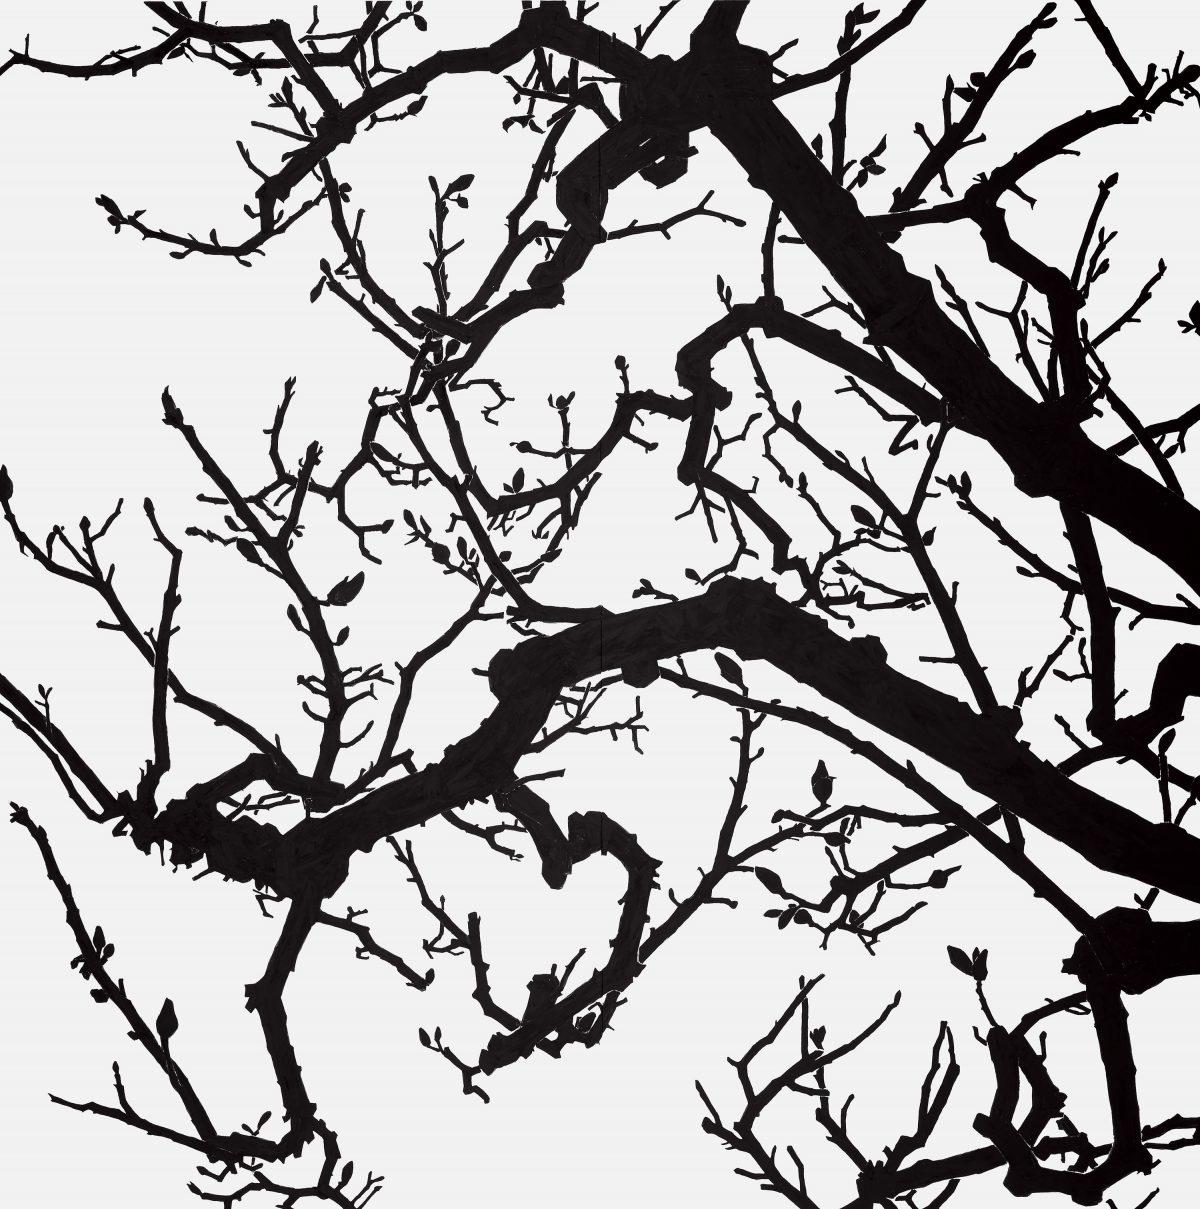 「空との距離XIII」 / 2017年 / 240cm✕240cm / 麻紙、岩絵具 / 撮影:髙橋健治